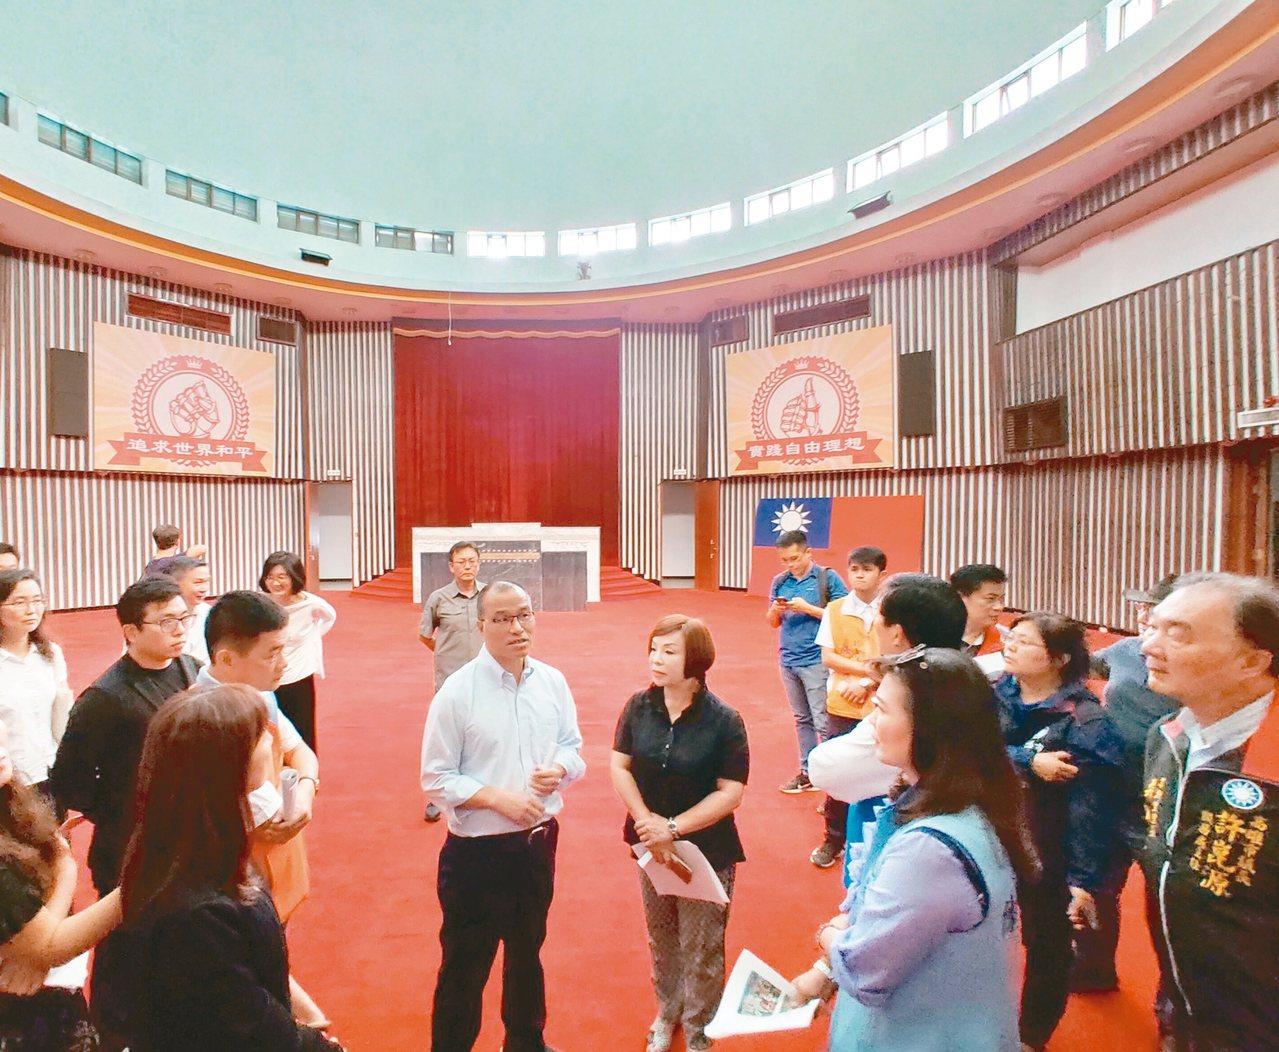 高雄市副市長葉匡時昨與多位議員走訪高雄市議會舊址,了解建物現況及招商籌備進度,並...